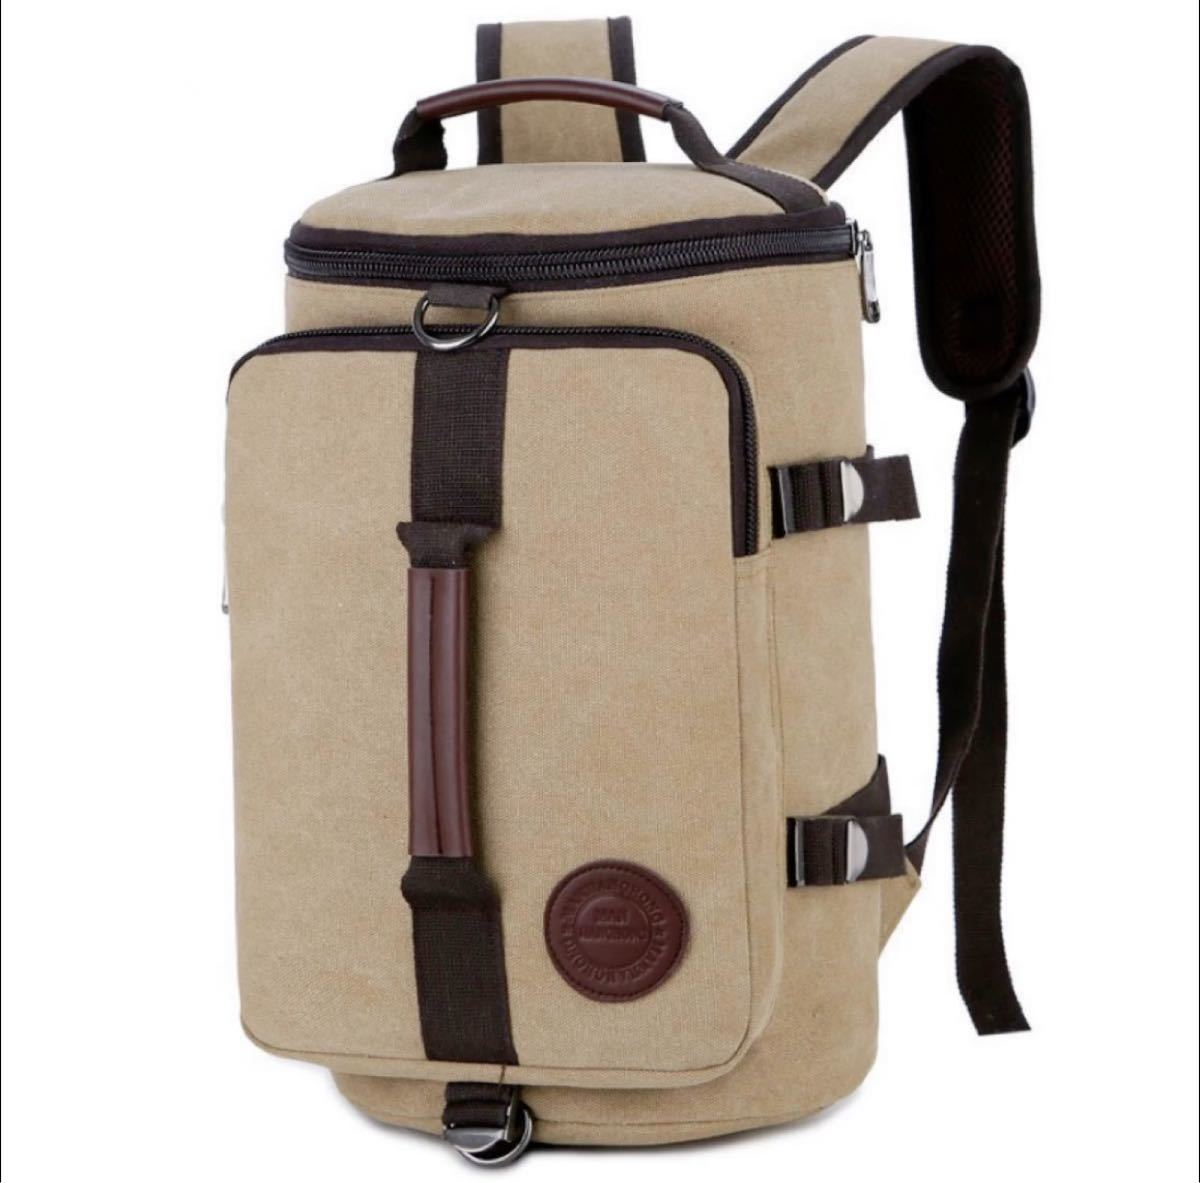 リュックサック ハンドバッグ ショルダーバッグ 大容量4way バックパック